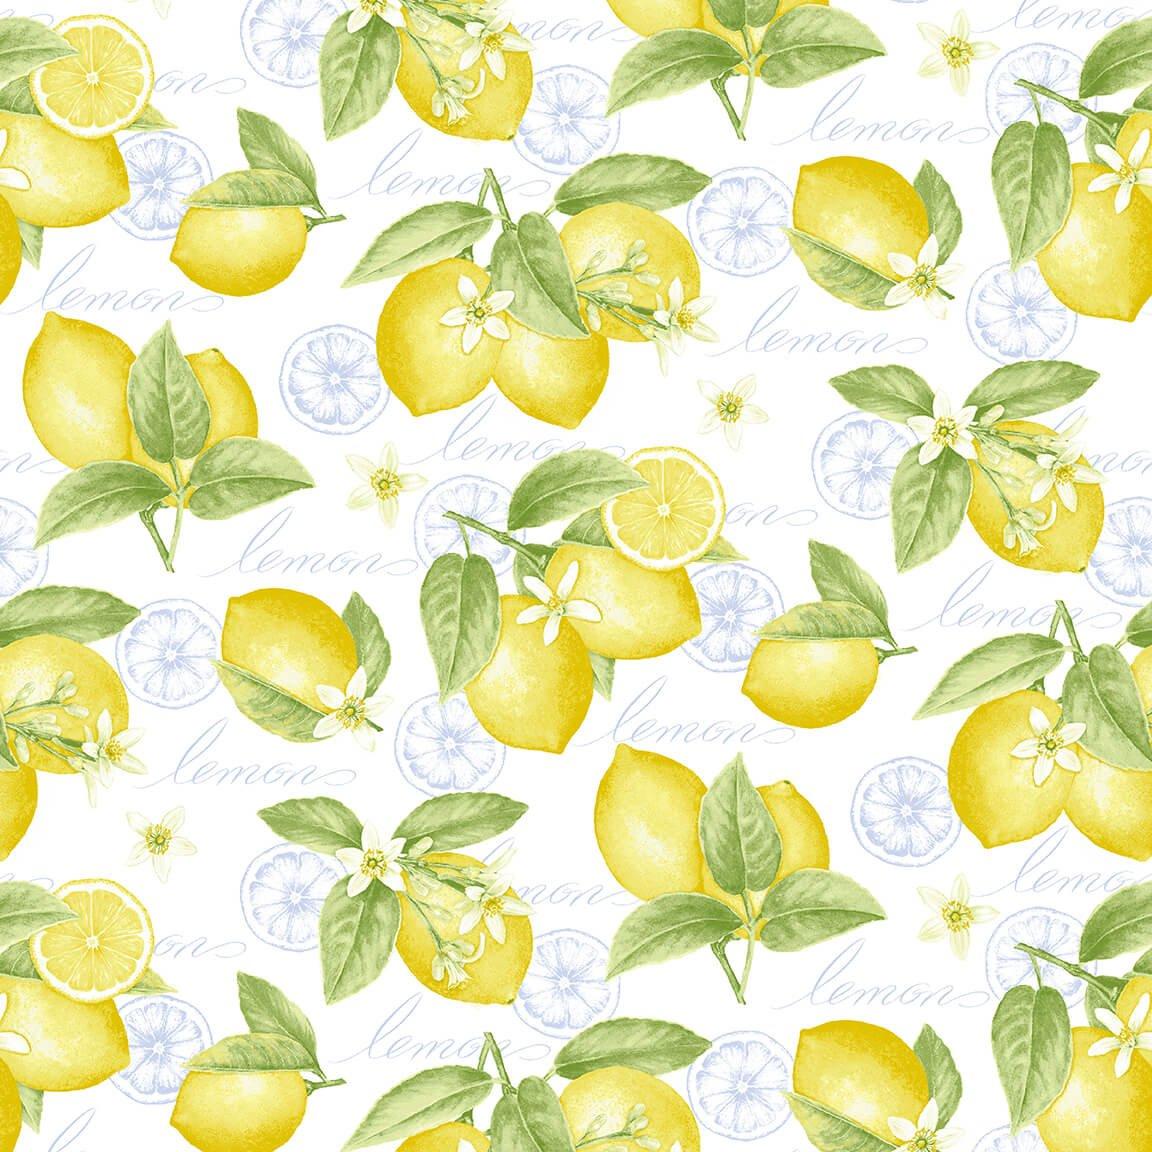 Just Lemons - Large Tossed Lemons